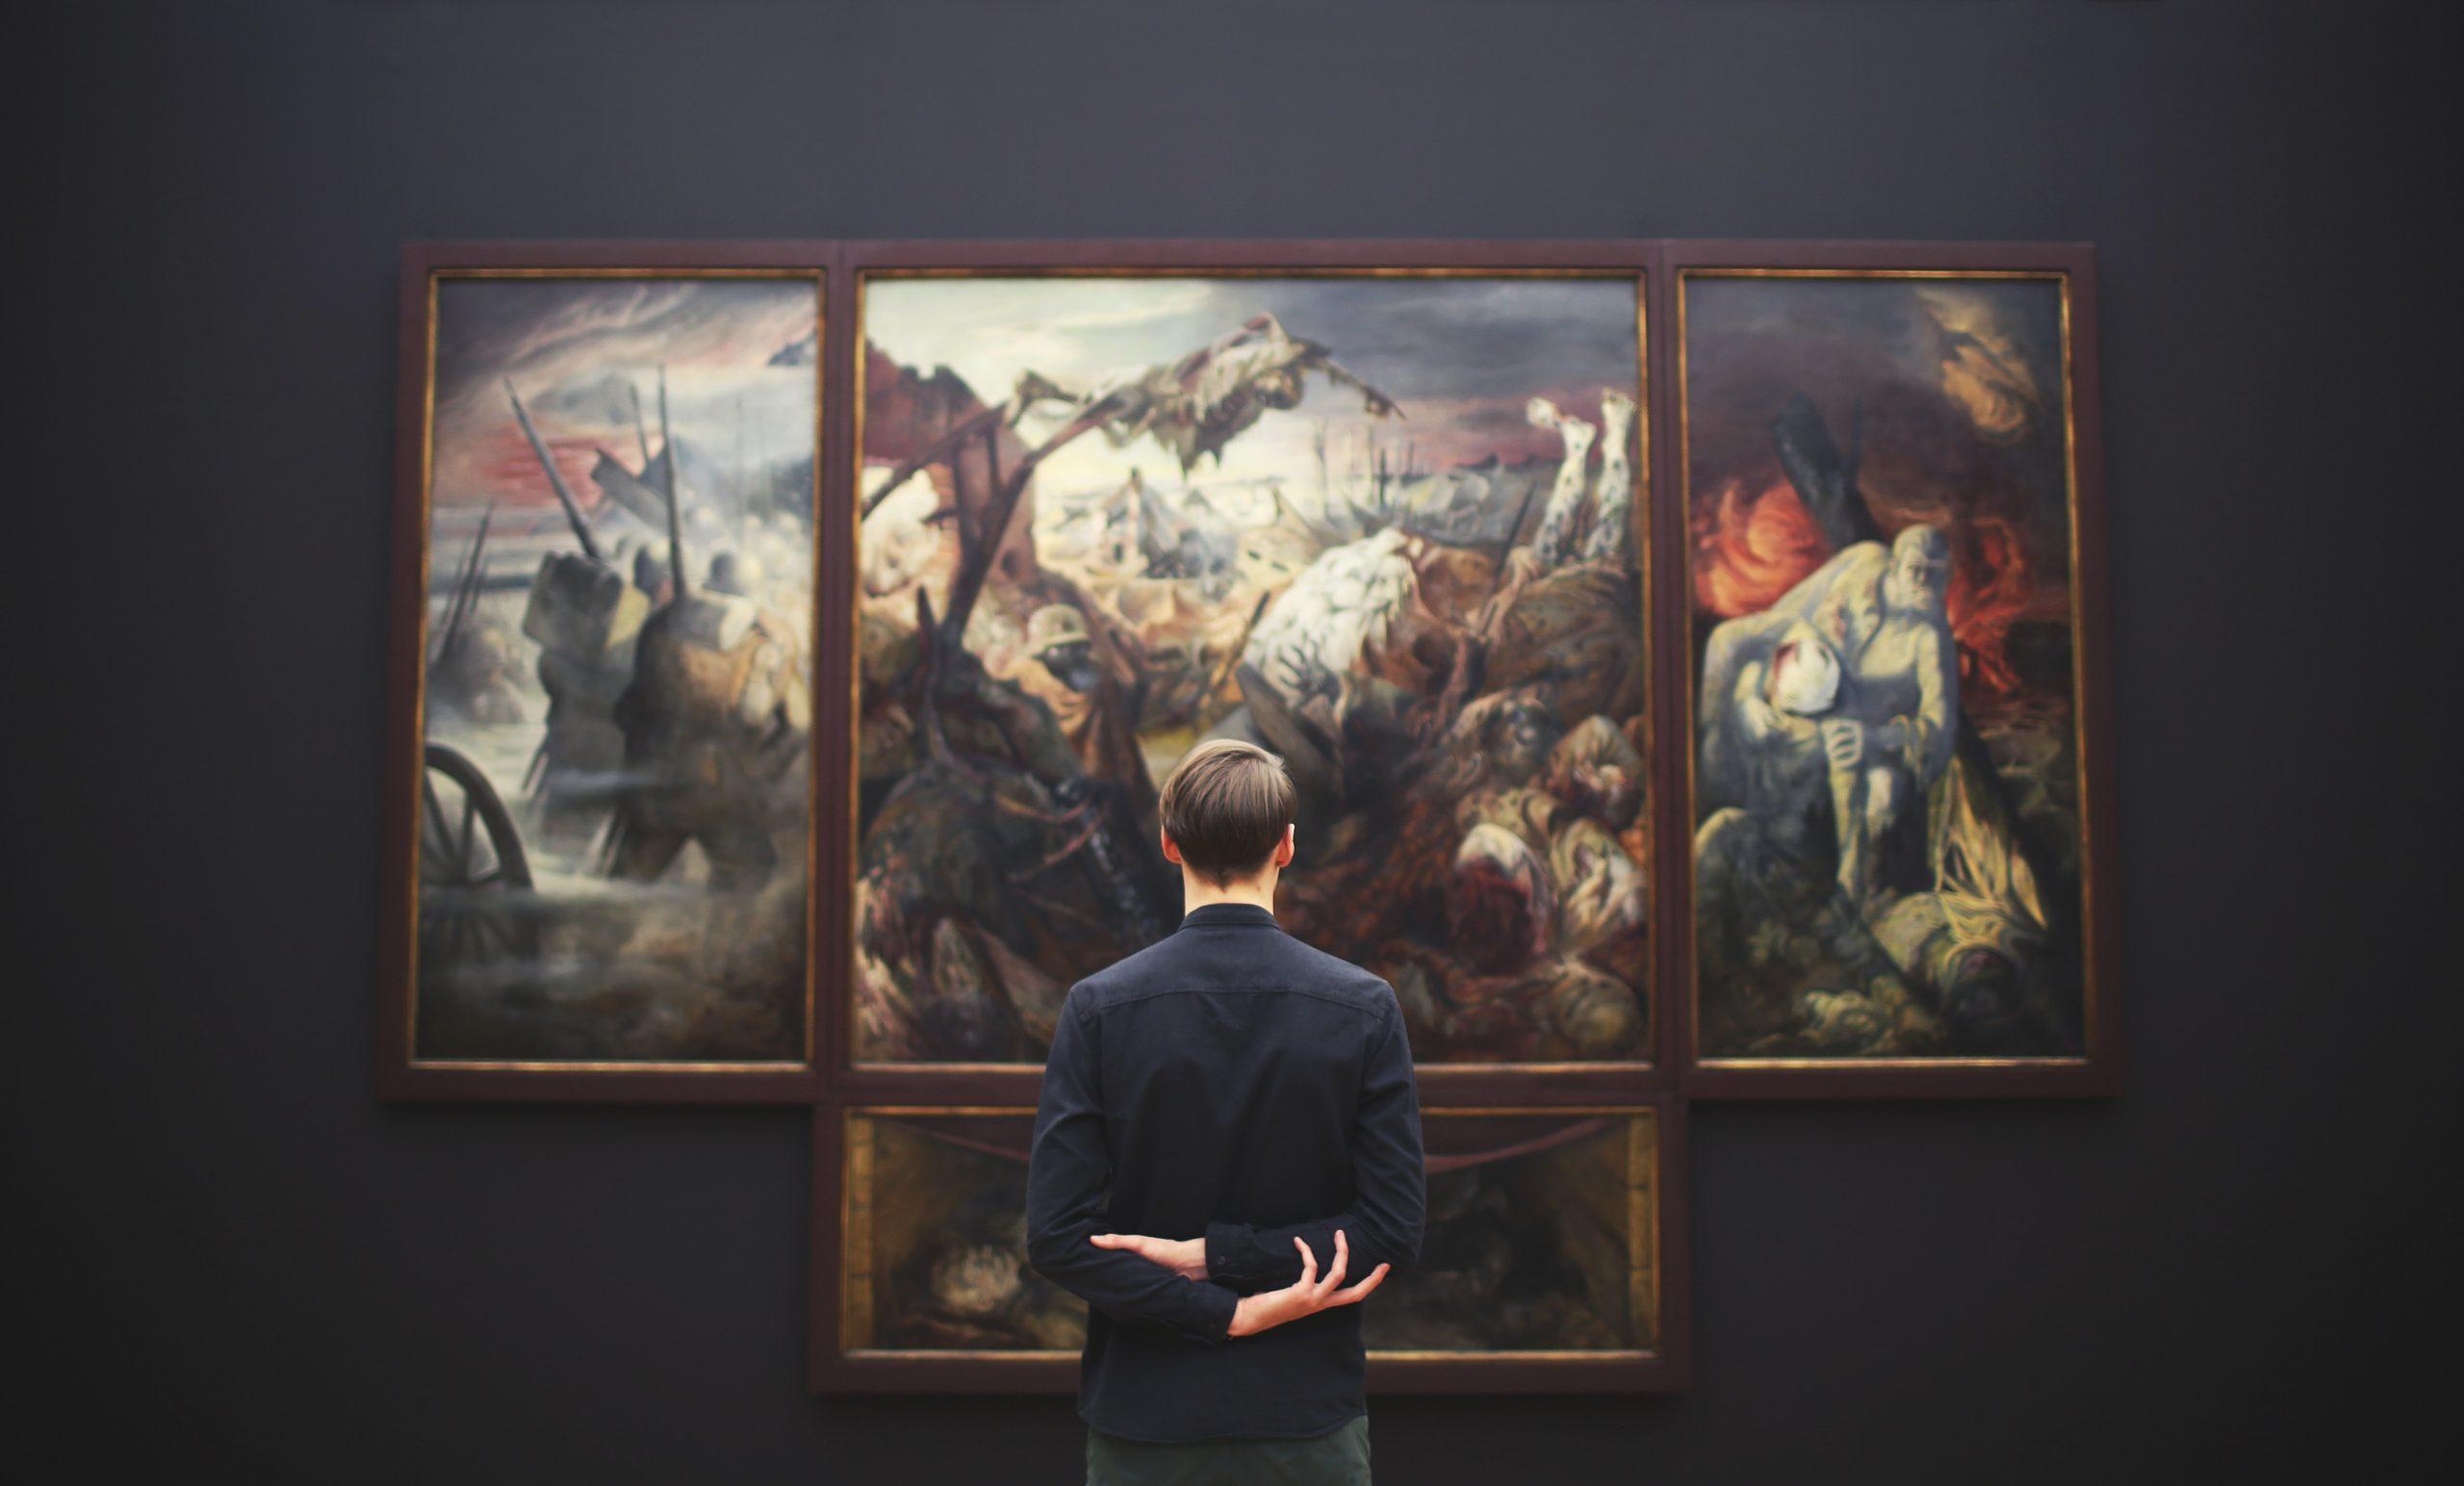 הקשר בין יצירות אמנות לשווי נכס הנדלן